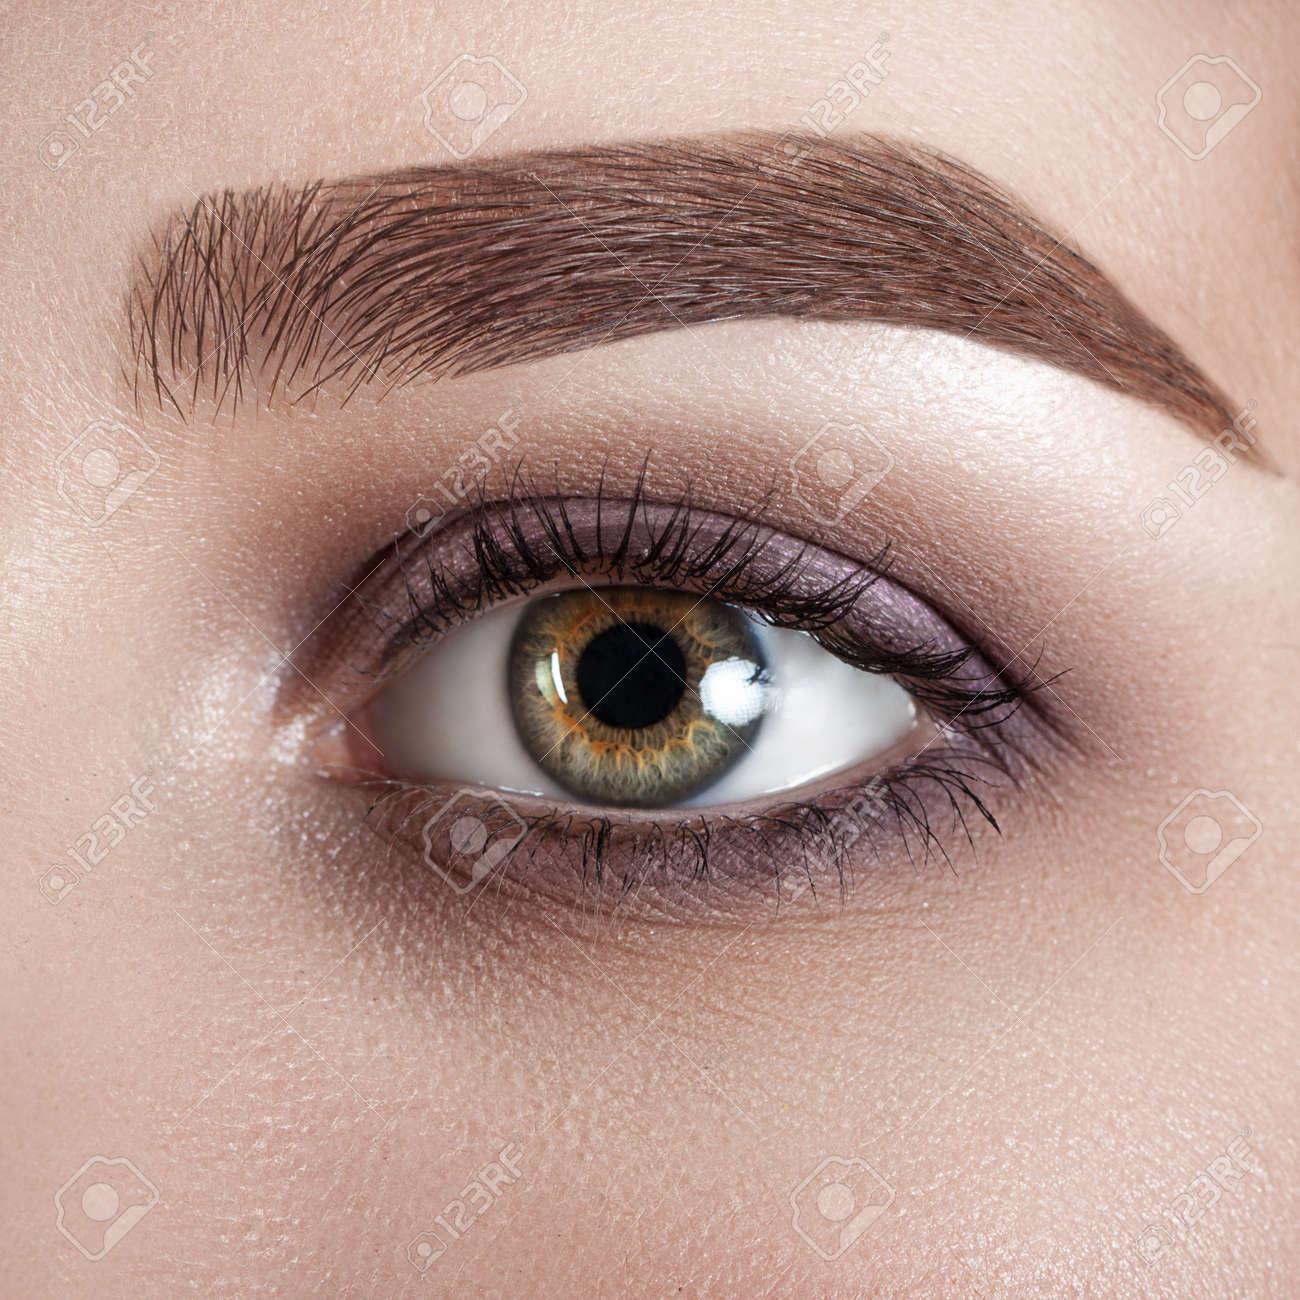 Weibliche Auge Close Up Makro Perfekte Make Up Und Augenbrauen